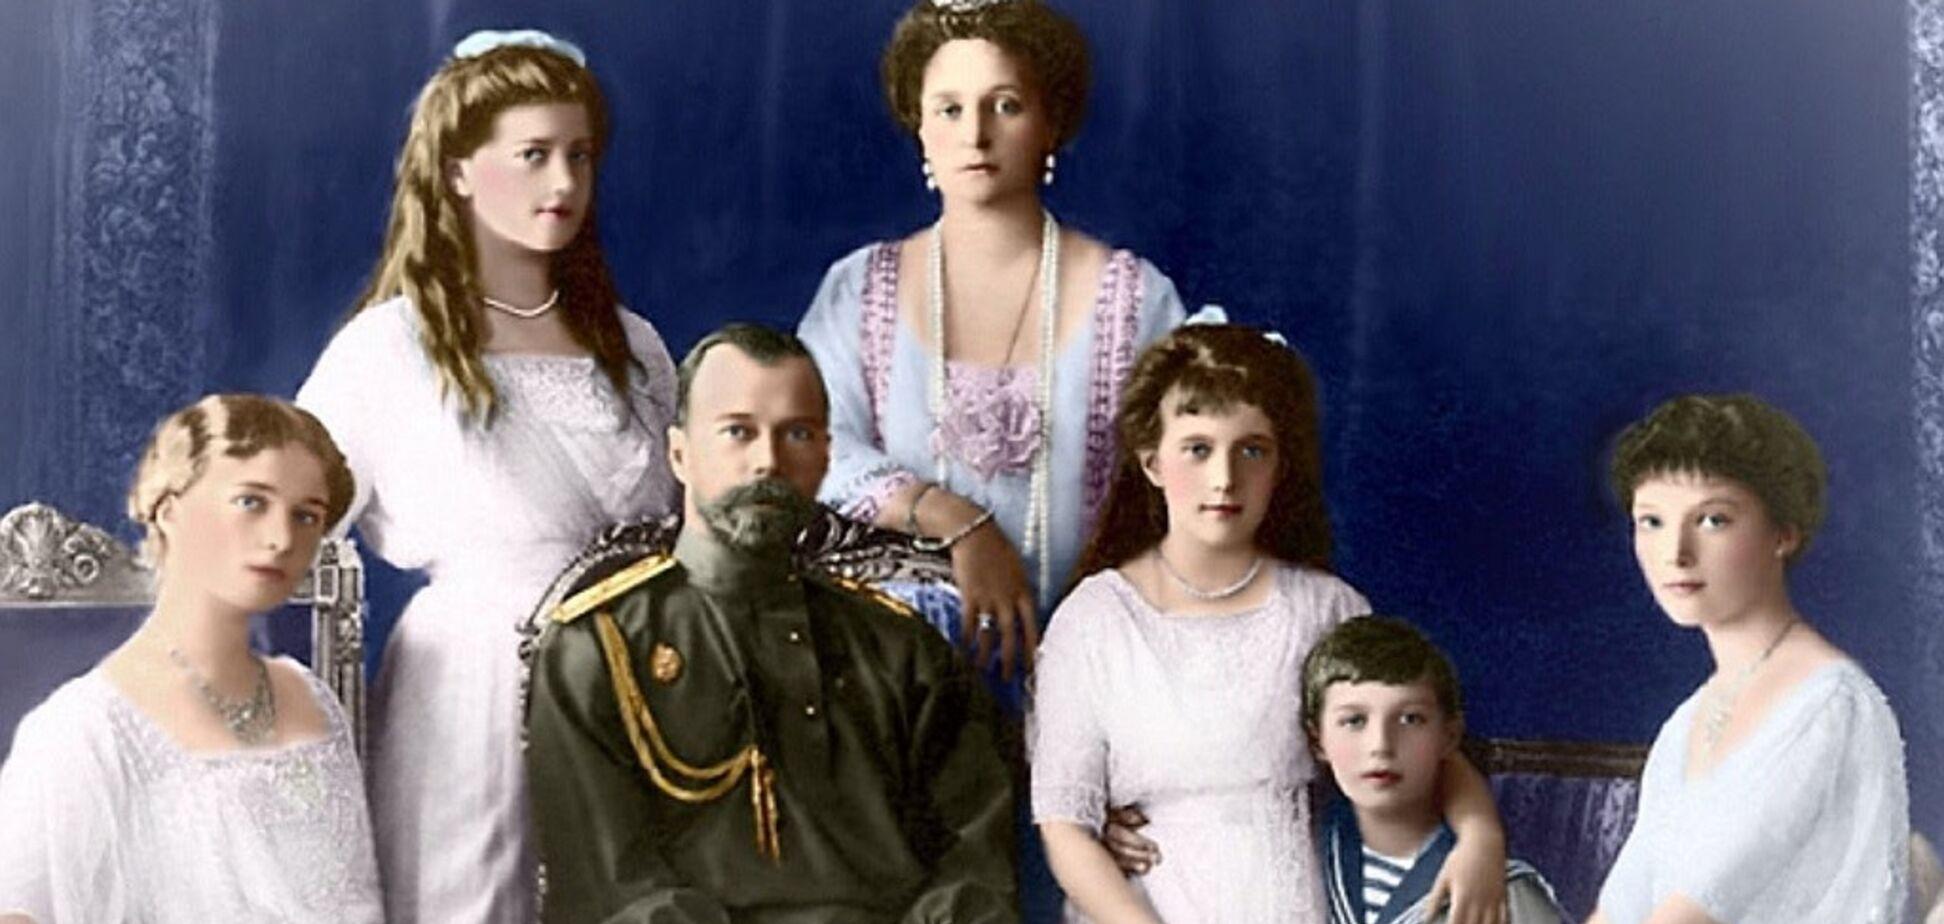 У Тюмені на балу з'їли царську сім'ю до 100-річчя її розстрілу: фотофакт